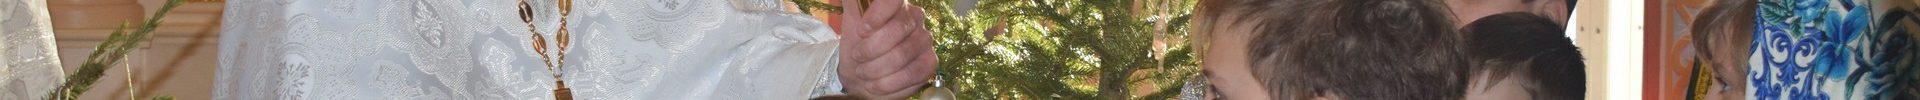 Рождественская коляда на приходе Преображенского храма д. Спас-Каменка